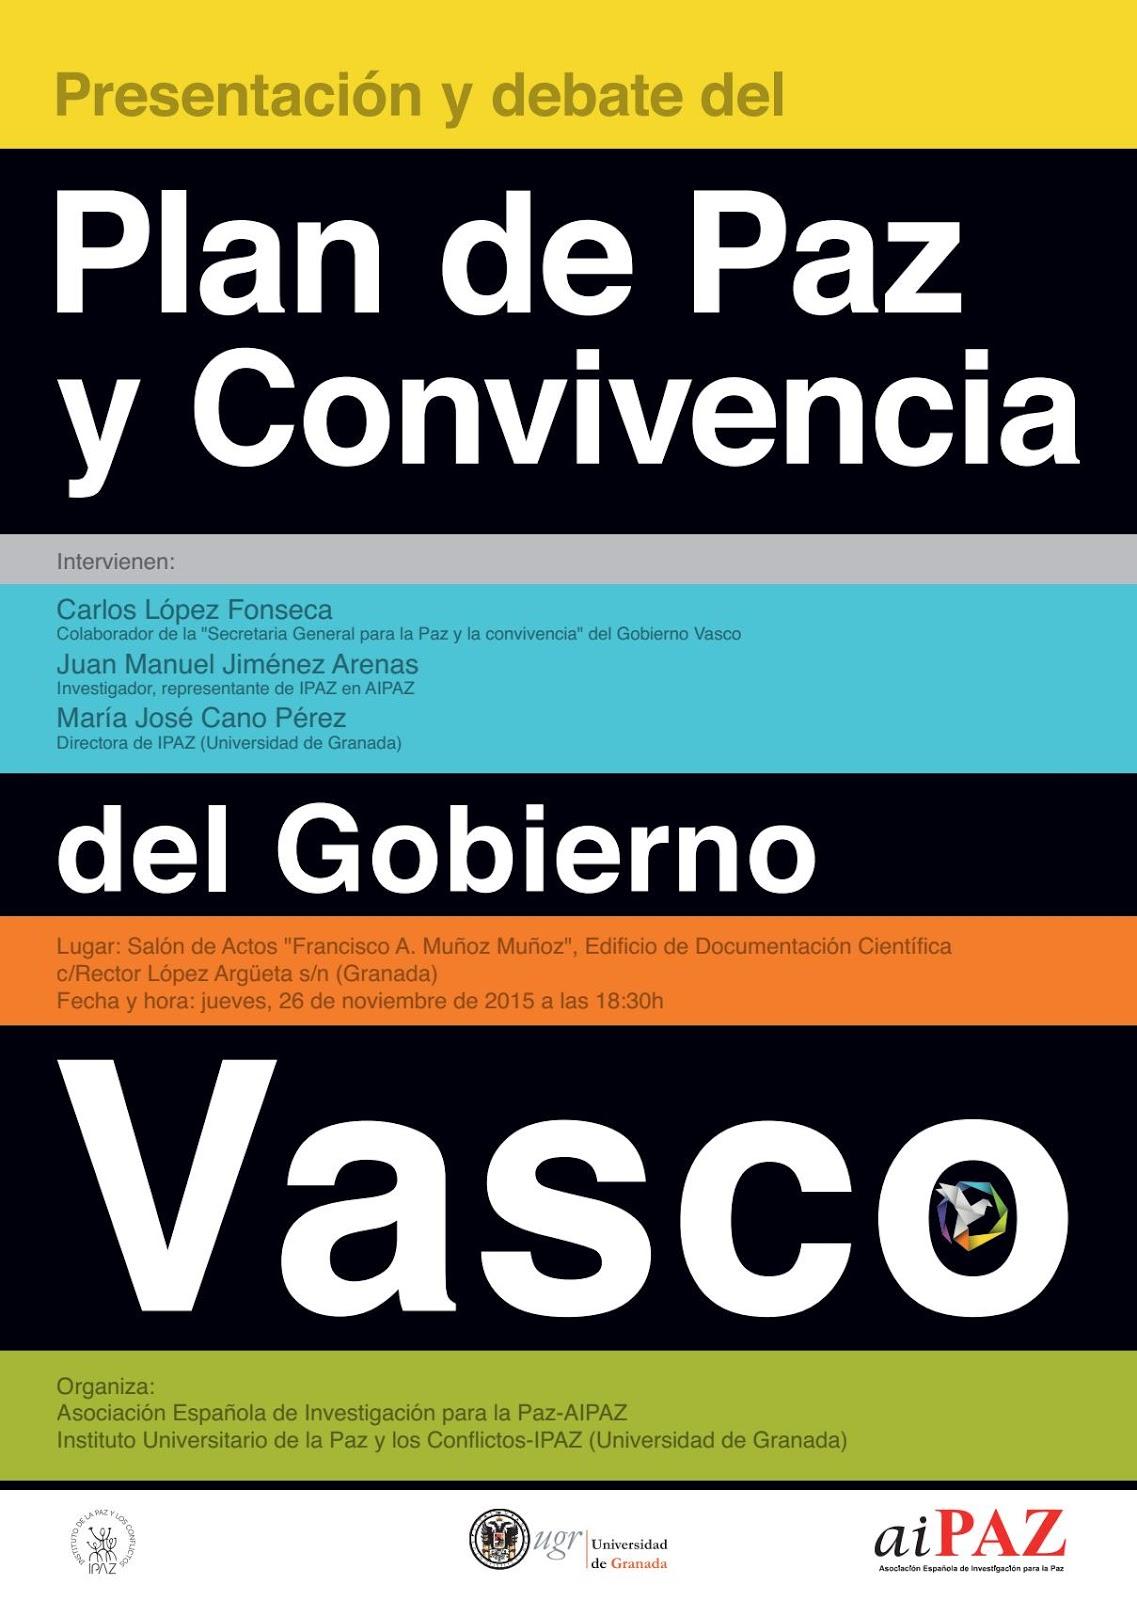 Acto de Presentación y Debate del «Plan de Paz y Convivencia» del Gobierno Vasco